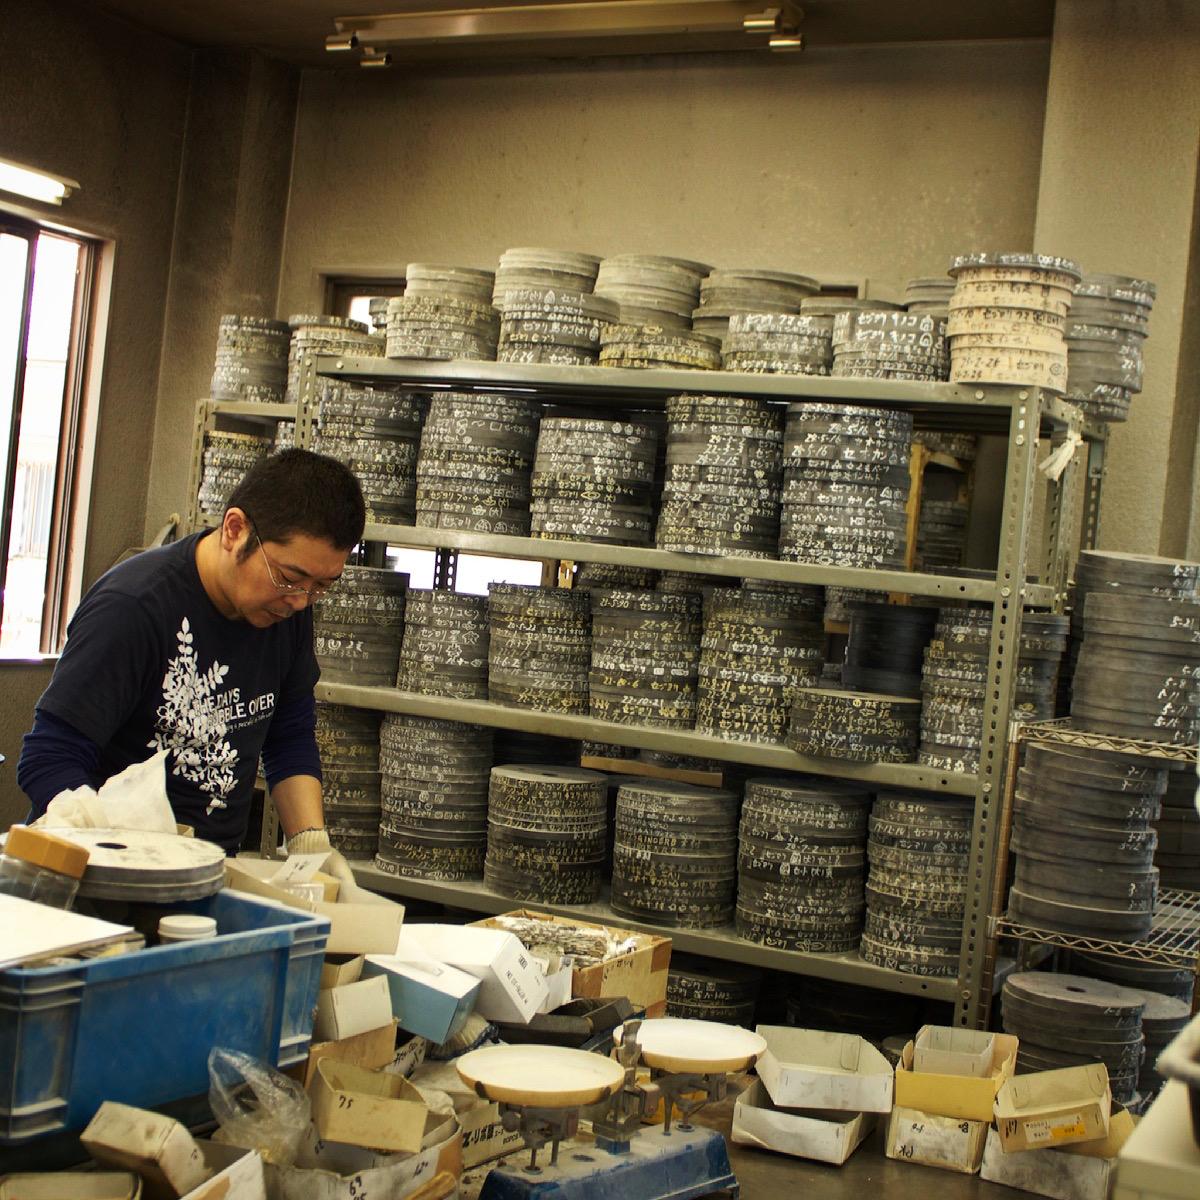 """""""鋳物職人""""   """"鋳物""""とは、溶かした金属を型に流し込んで作る金属の立体物のこと。アクセサリーやベルトなどに使う金属の部品から、動植物・人形・乗り物・建物・アルファベットなど、いろんなモノをかたどった金具を作り出す事ができます。"""